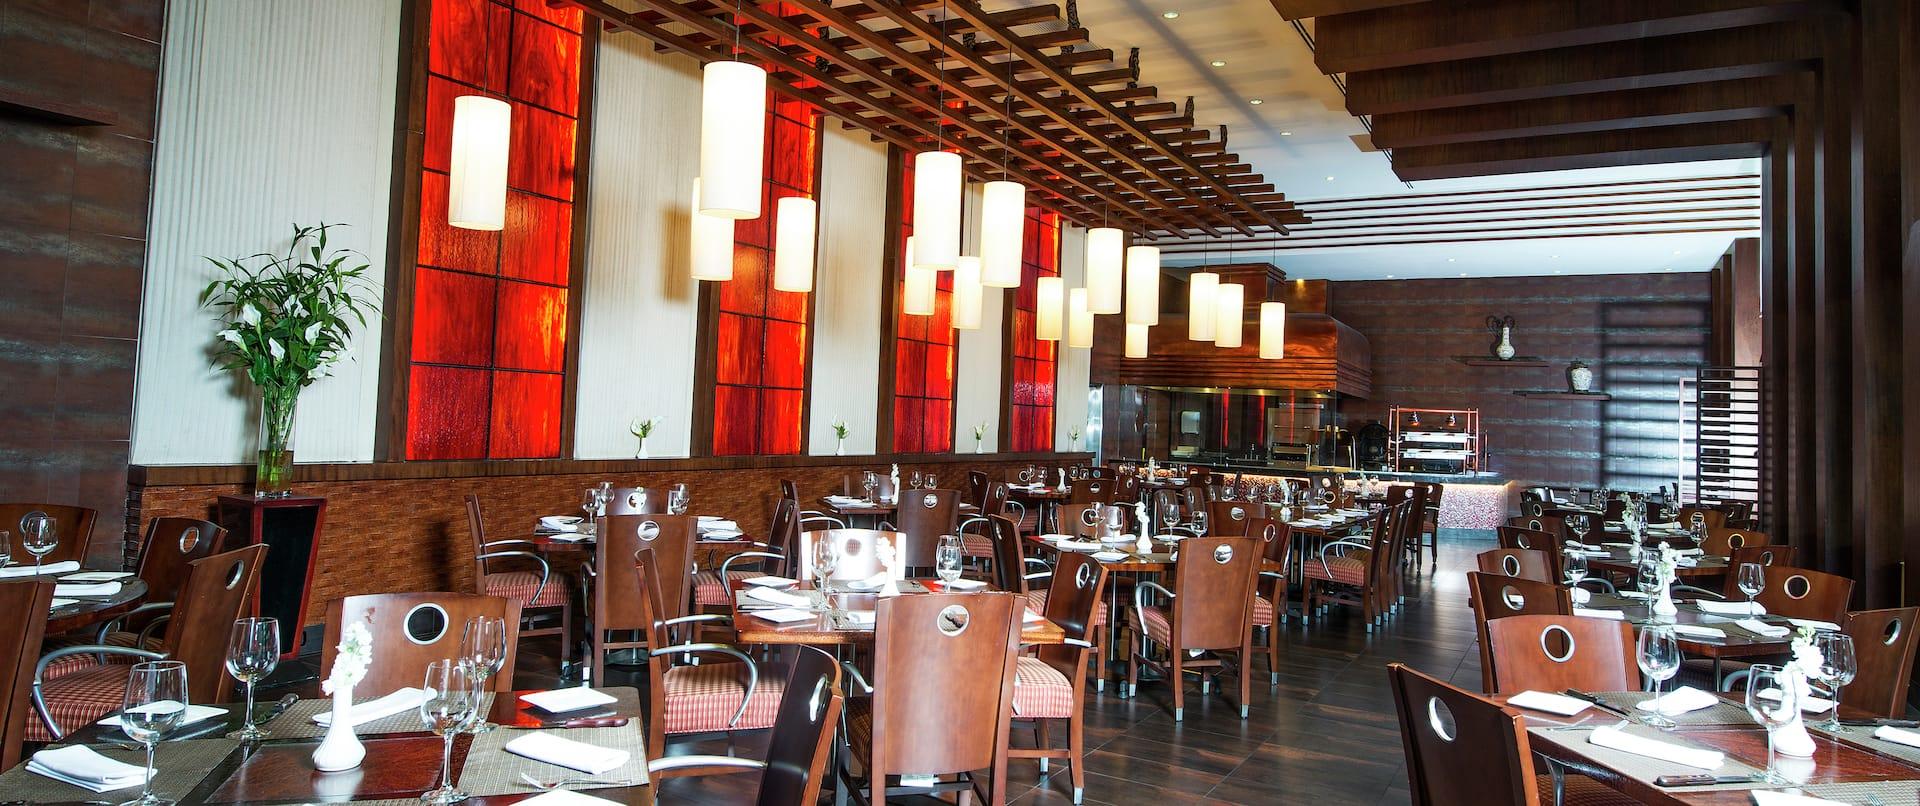 Vereda Tropical Restaurant Interior View